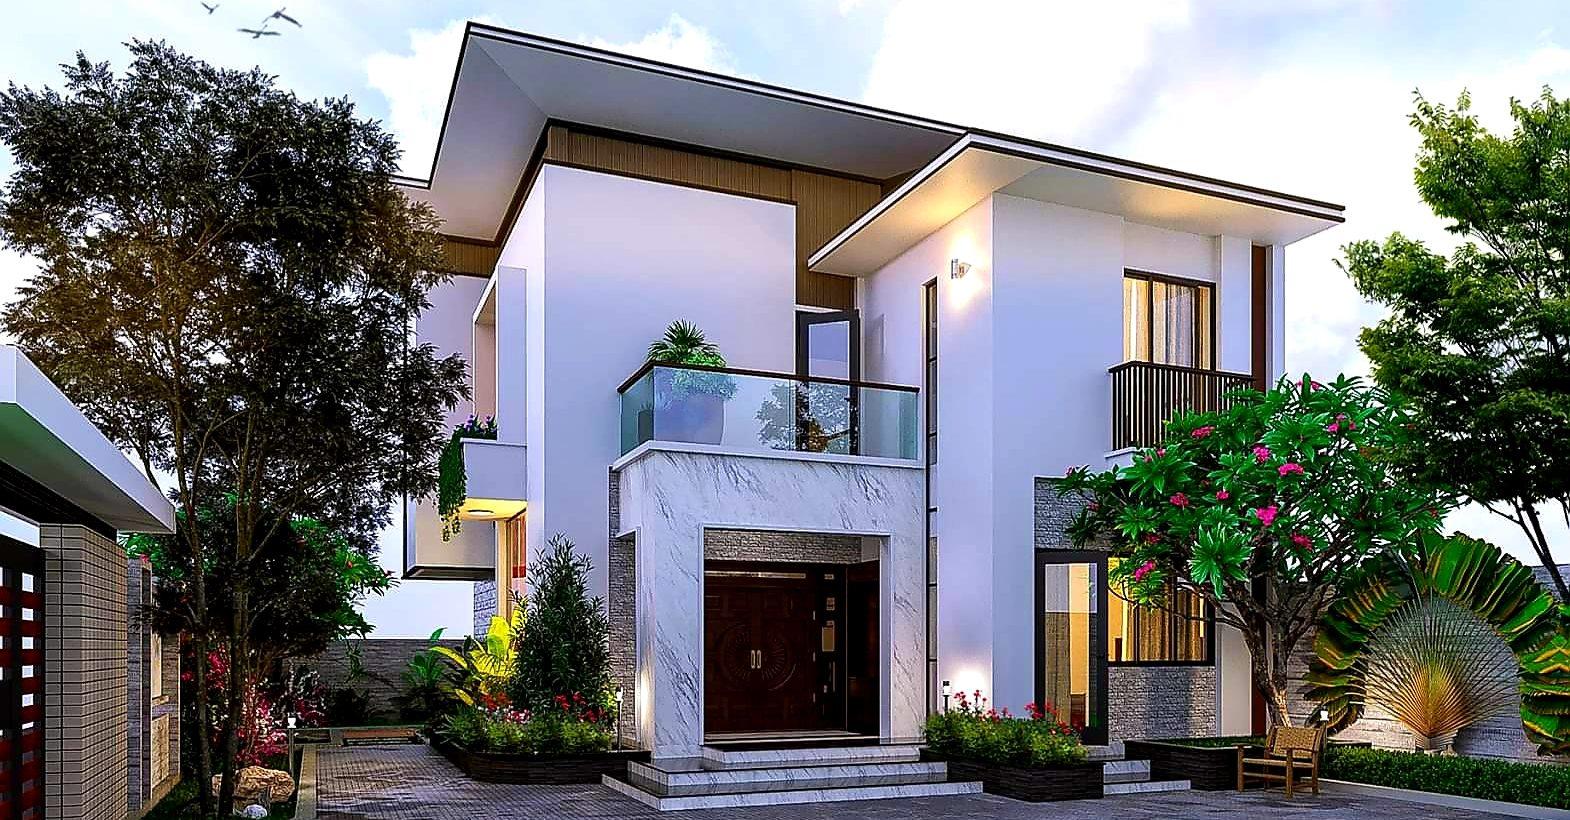 Thi công xây dựng nhà phố đẹp tại TPHCM